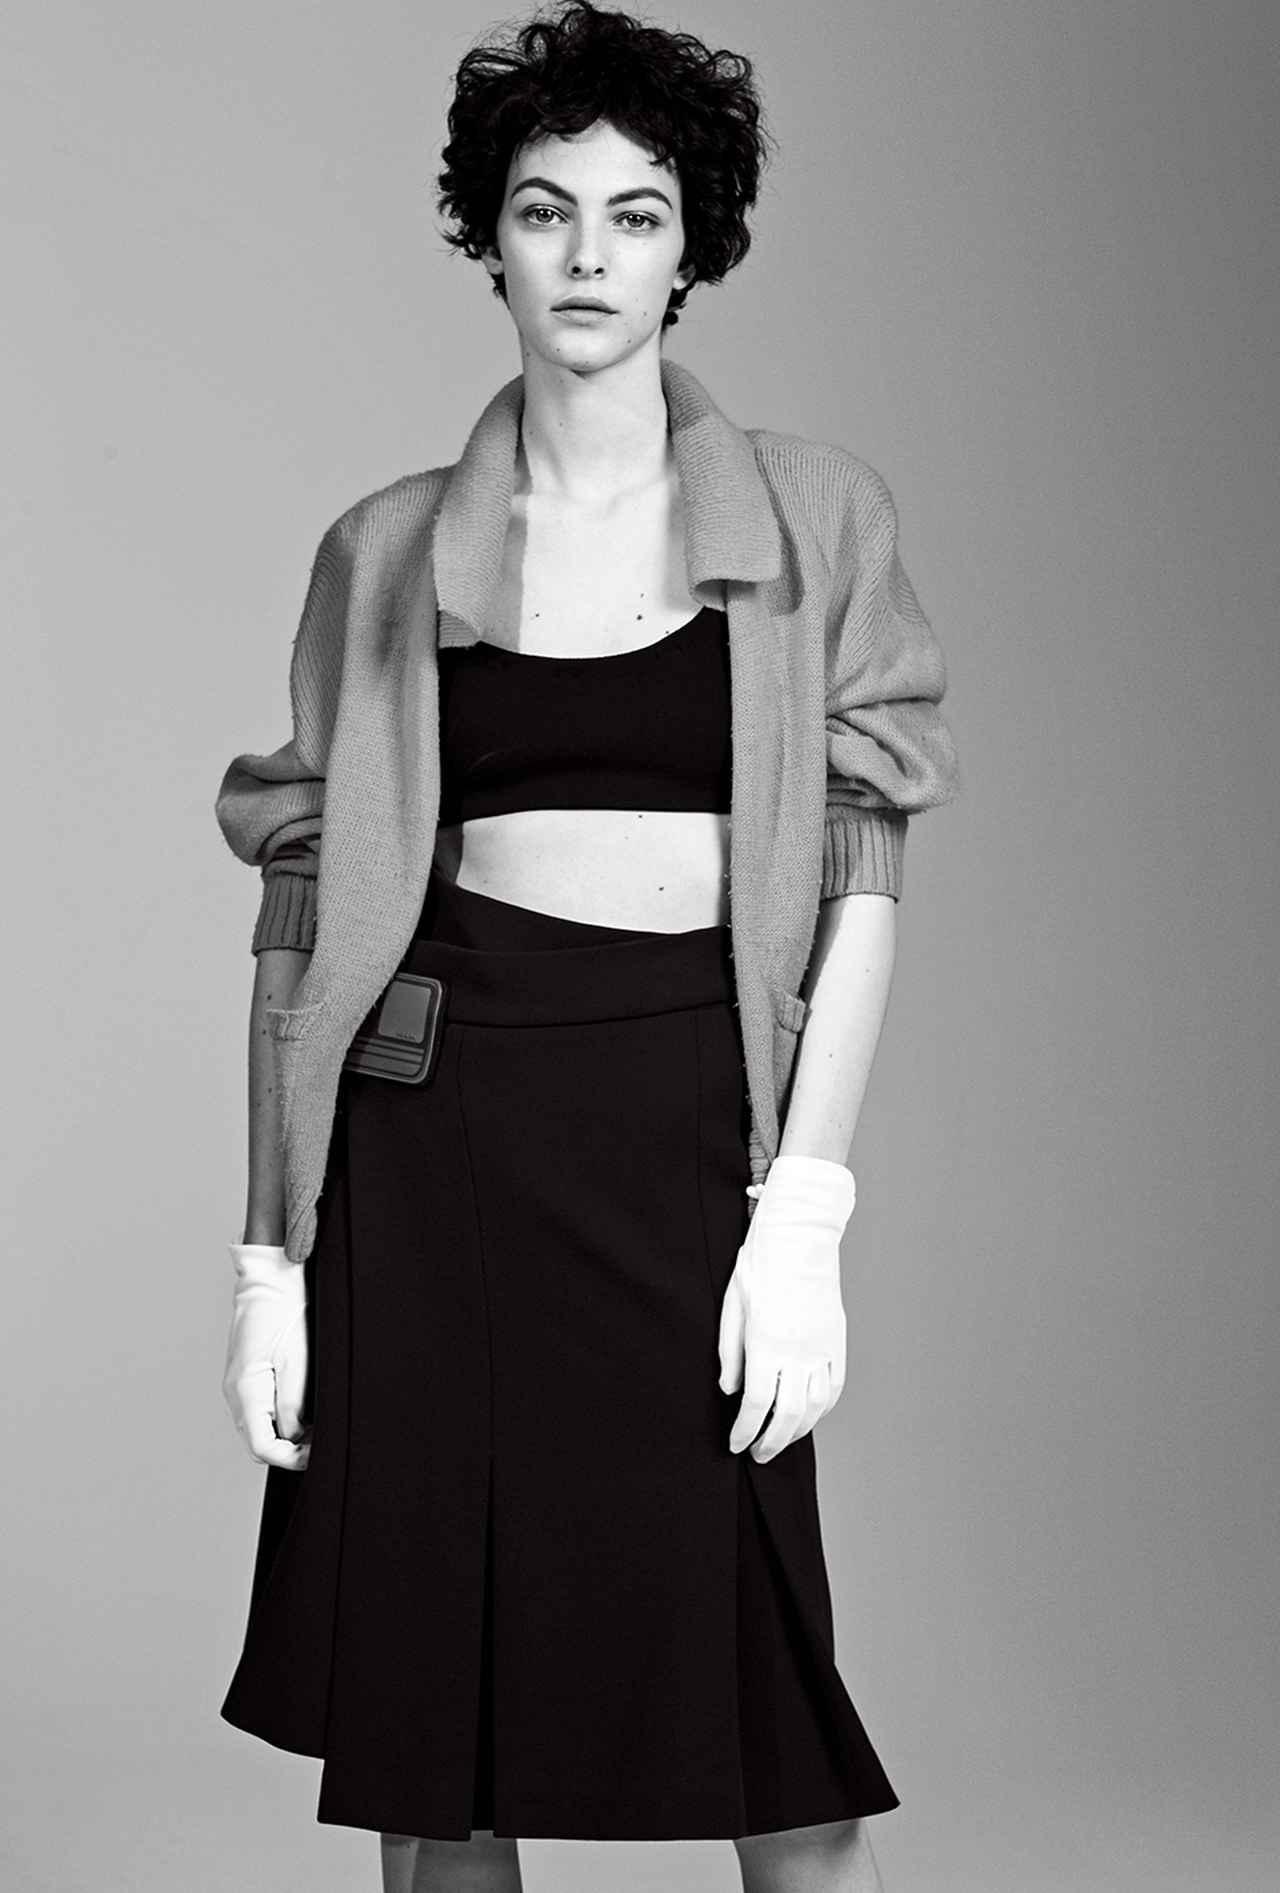 Images : 7番目の画像 - 「リトルホームドレスは 見かけほど甘くない」のアルバム - T JAPAN:The New York Times Style Magazine 公式サイト